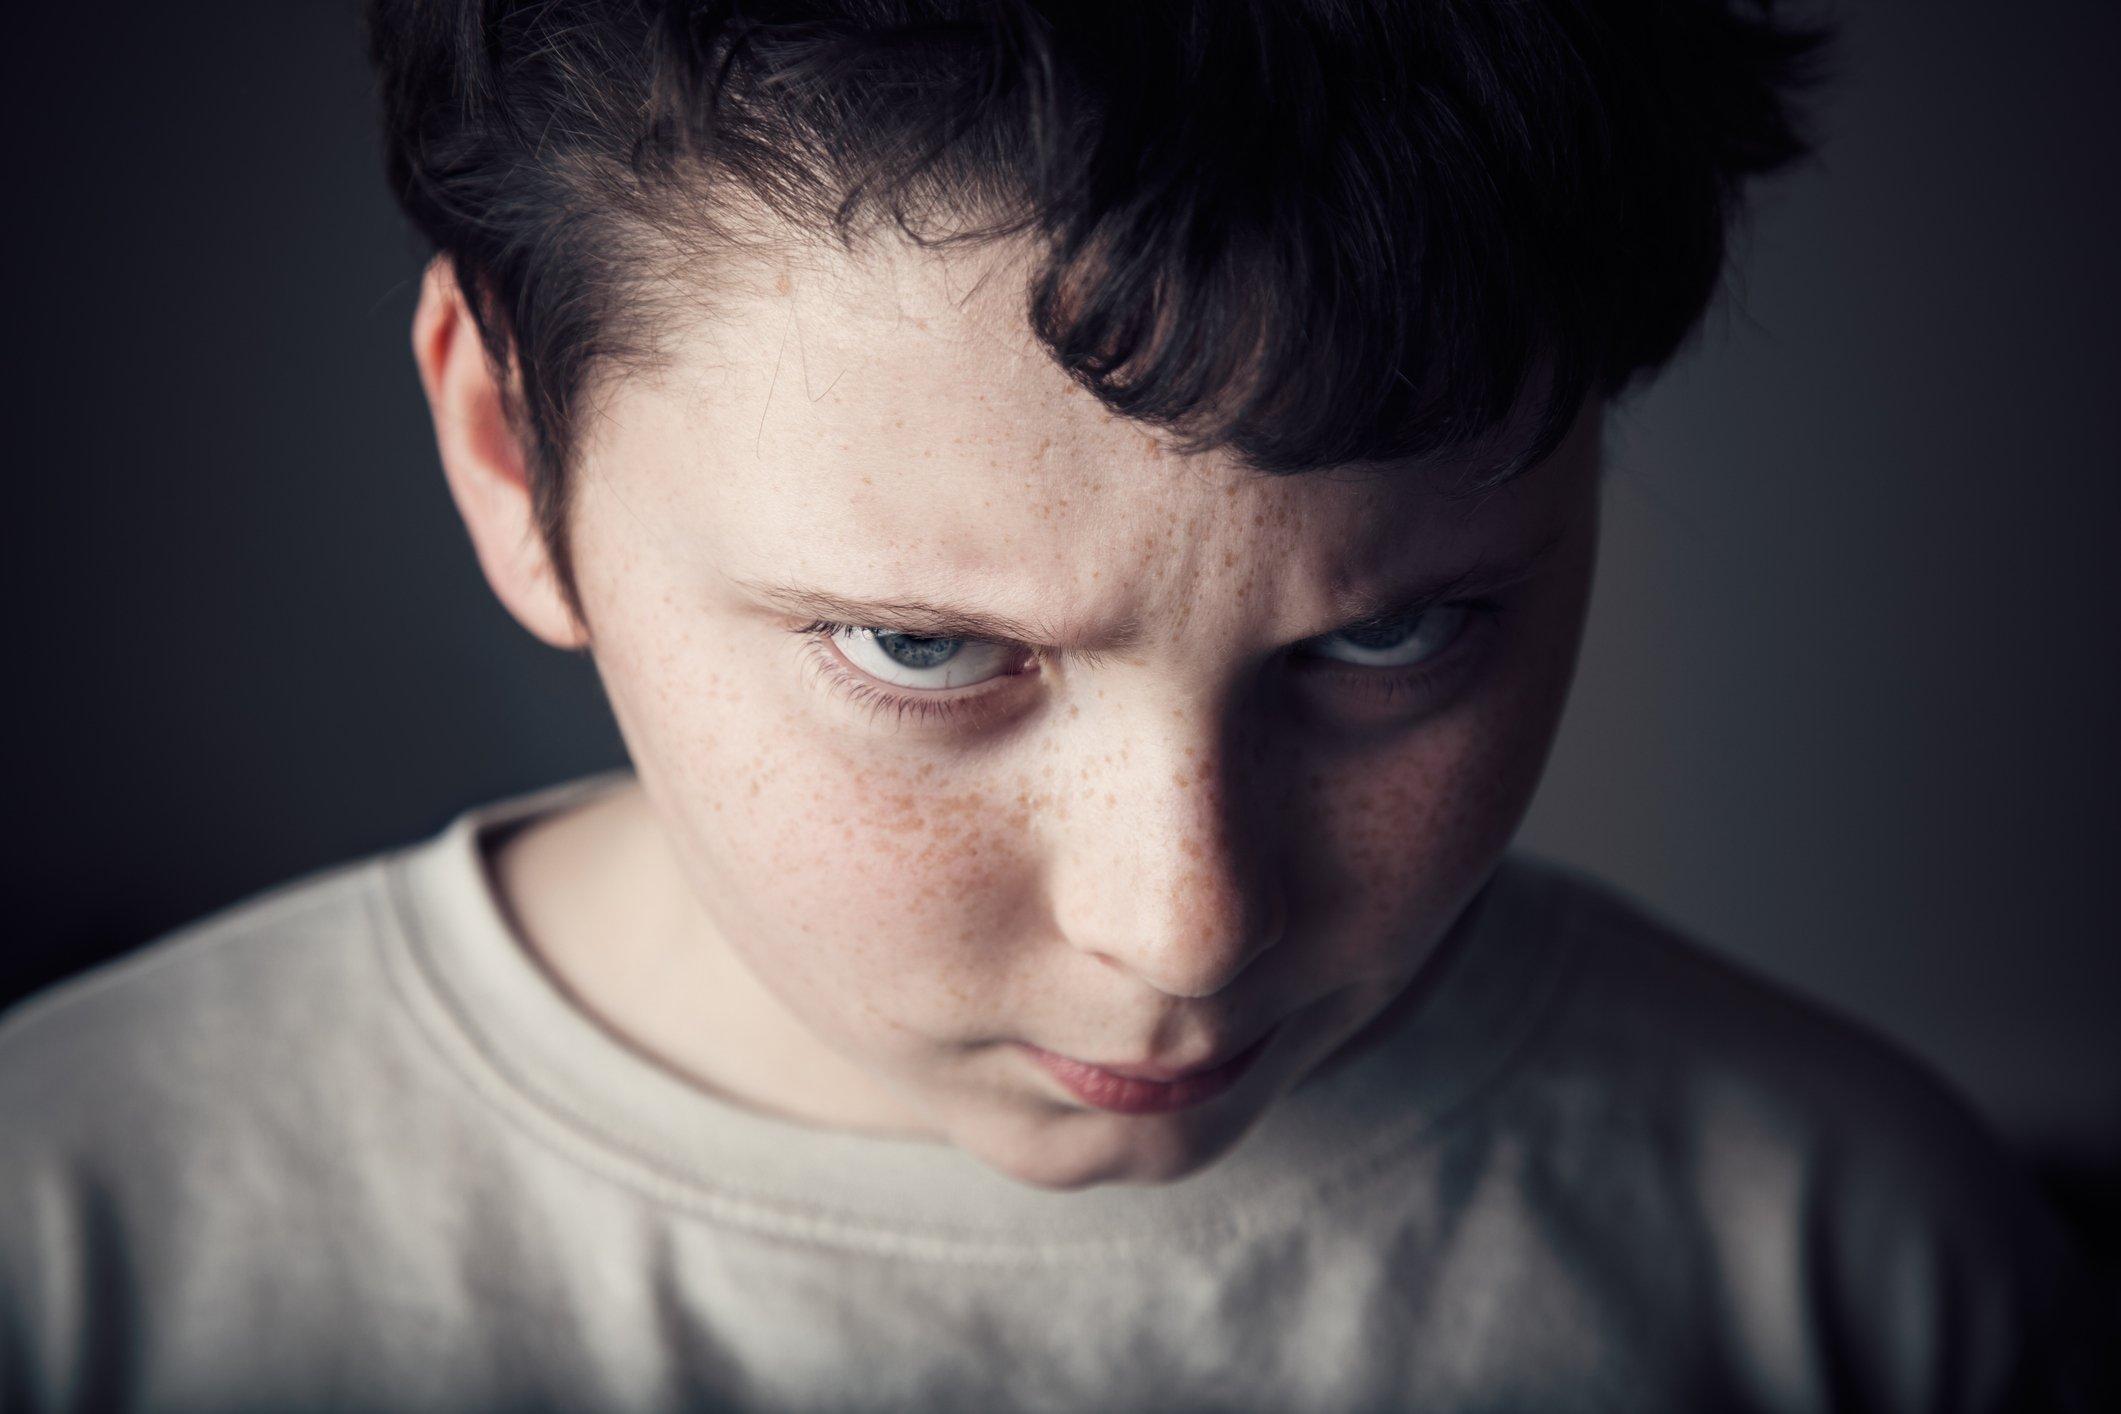 طفل ذو طباع عنيفة (صورة تعبيرية)